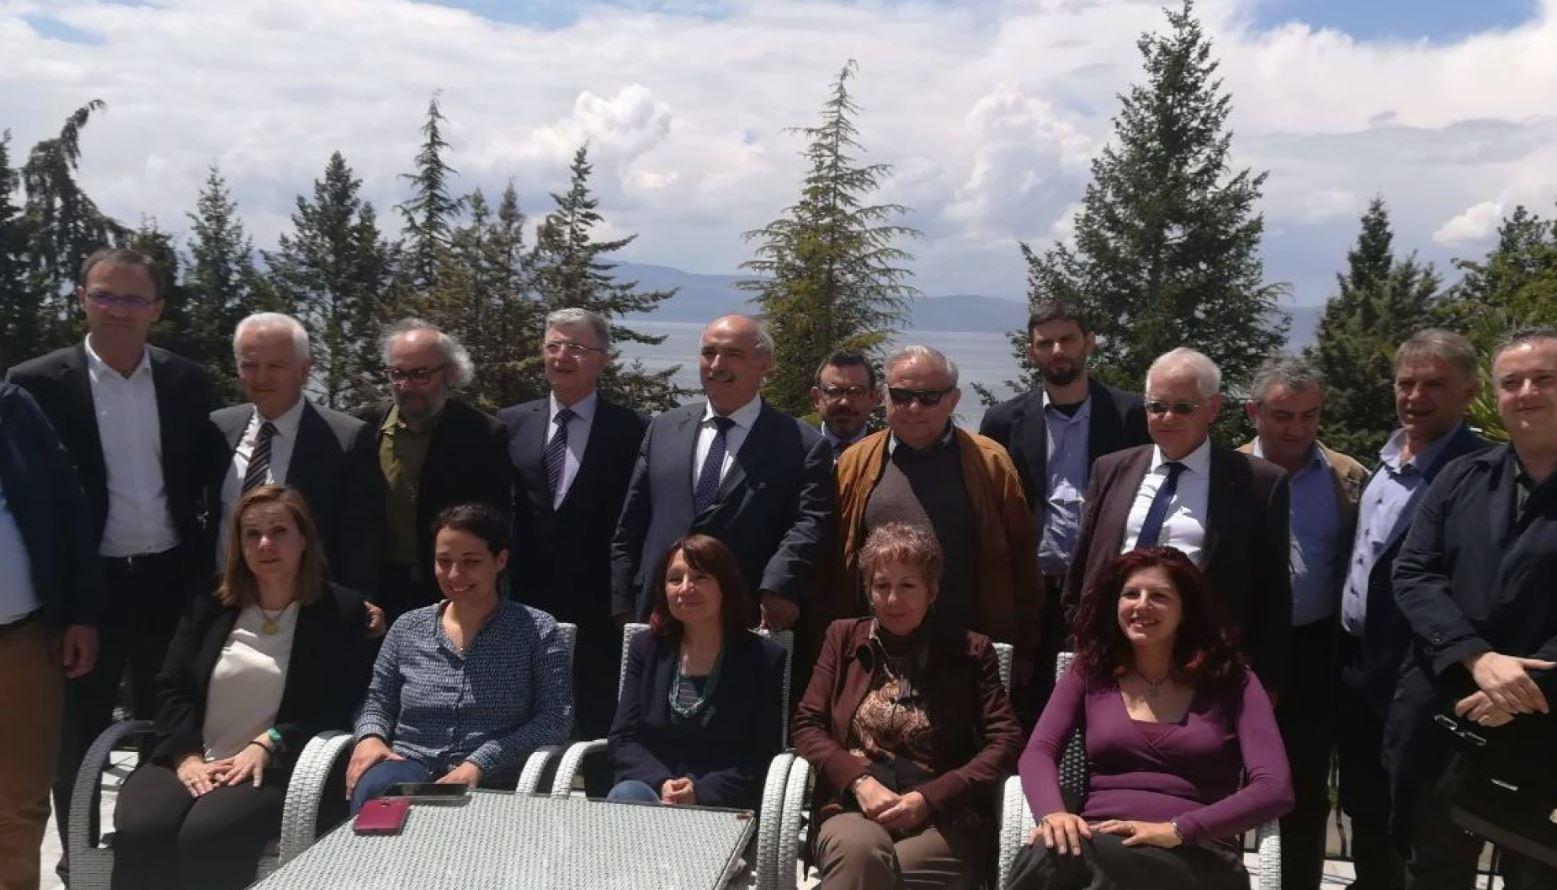 Εμπειρογνώμονες από την Ελλάδα και τη Βόρεια Μακεδονία συναντήθηκαν στην Οχρίδα για να συζητήσουν θέματα ιστορίας, εκπαίδευσης και αρχαιολογίας